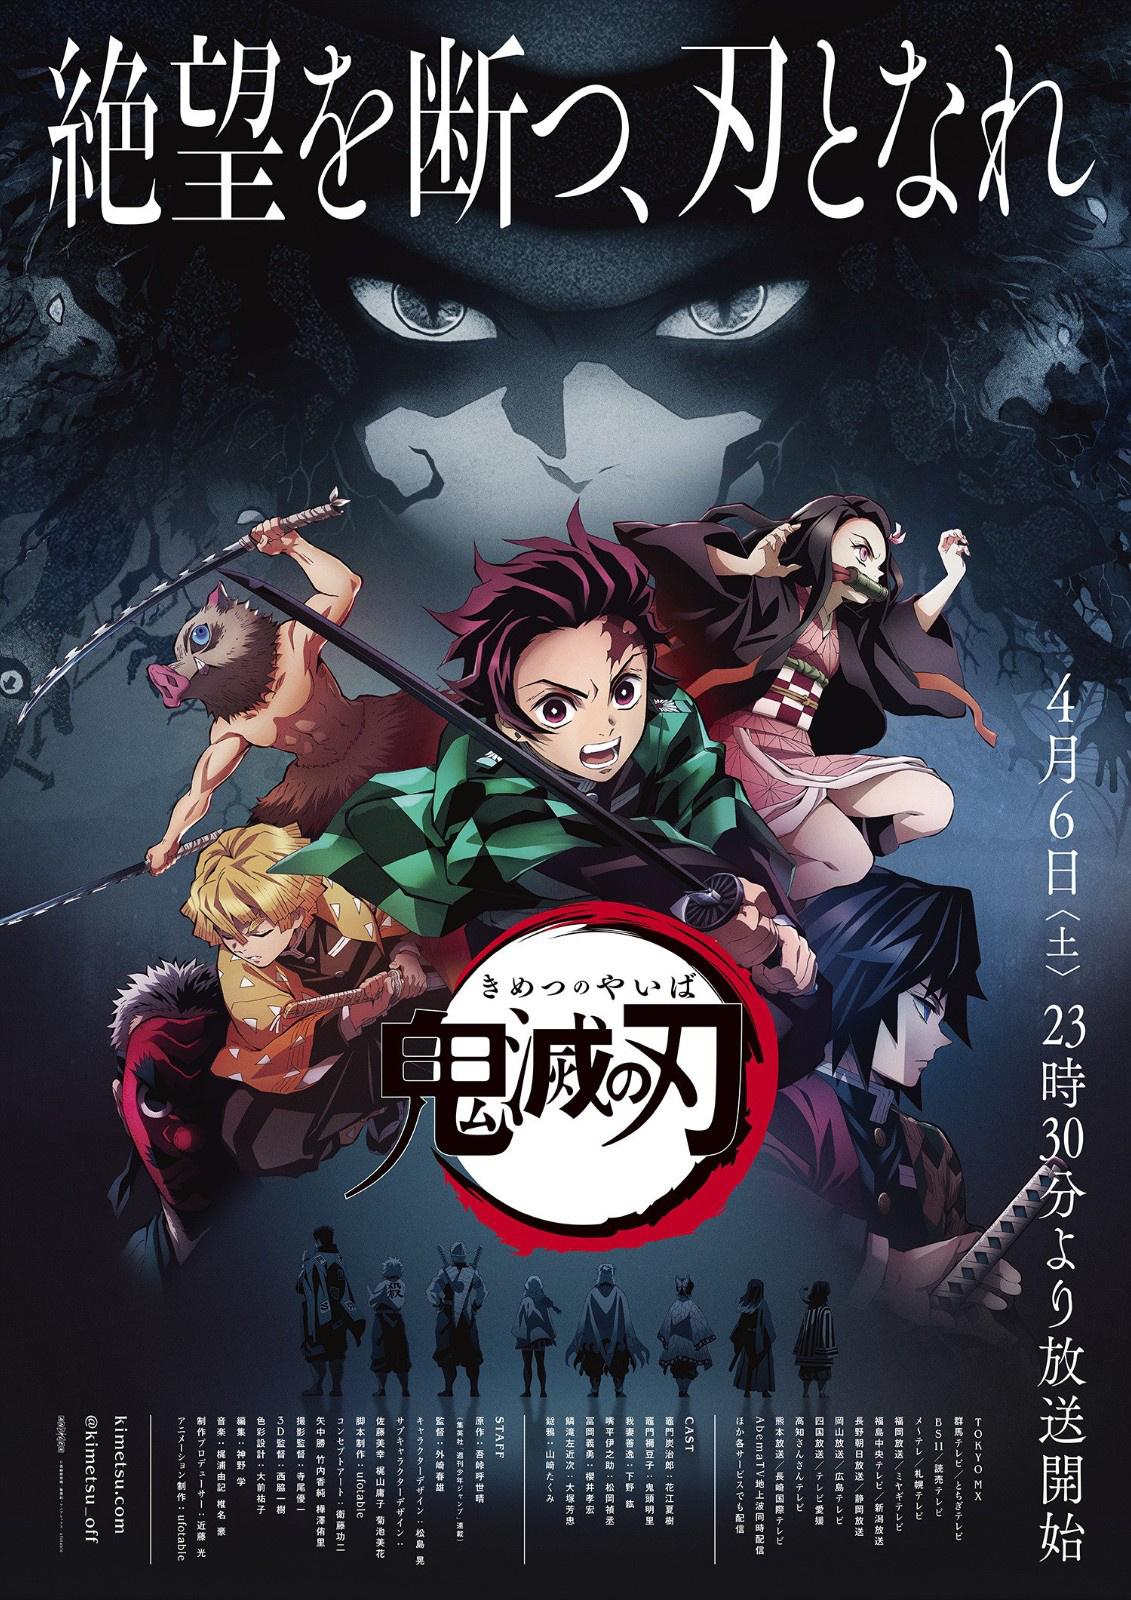 剧院版《鬼灭之刃》台湾定档10.30 有看引入年夜陆